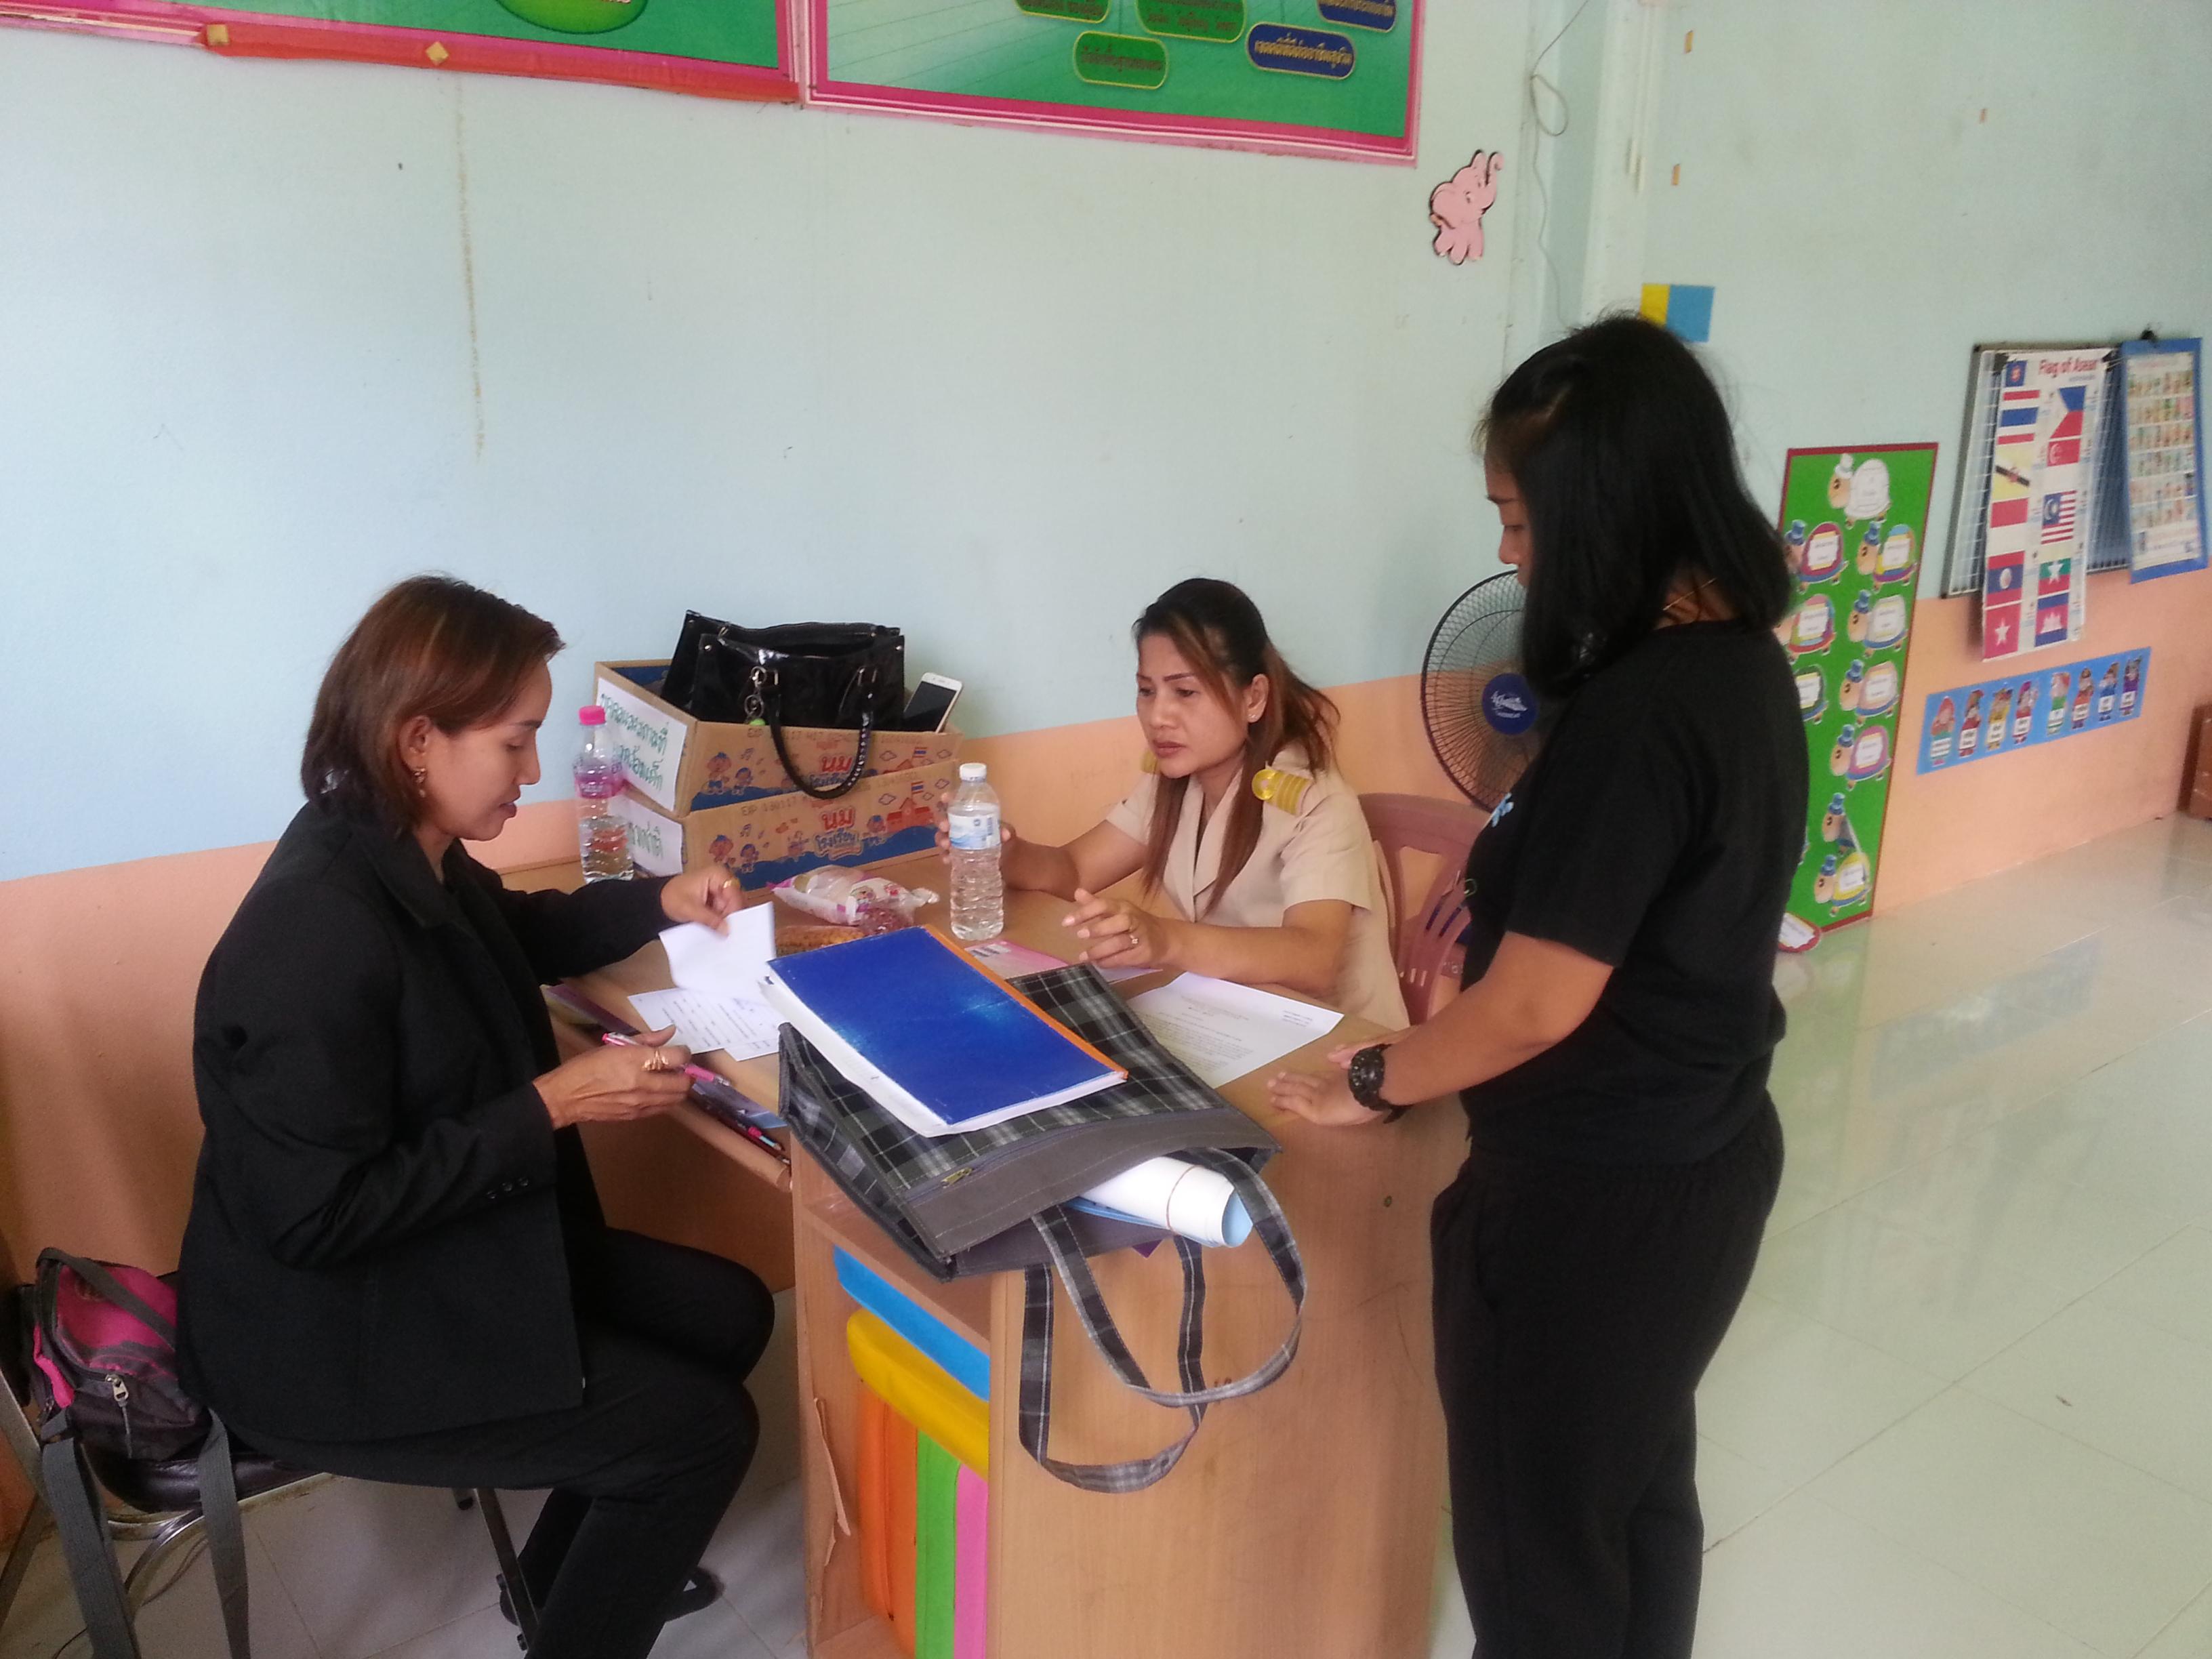 โครงการขยายเครือข่ายข้อมูลข่าวสารสู่ตำบลและหมู่บ้าน ปี 2560 ในจังหวัดร้อยเอ็ด